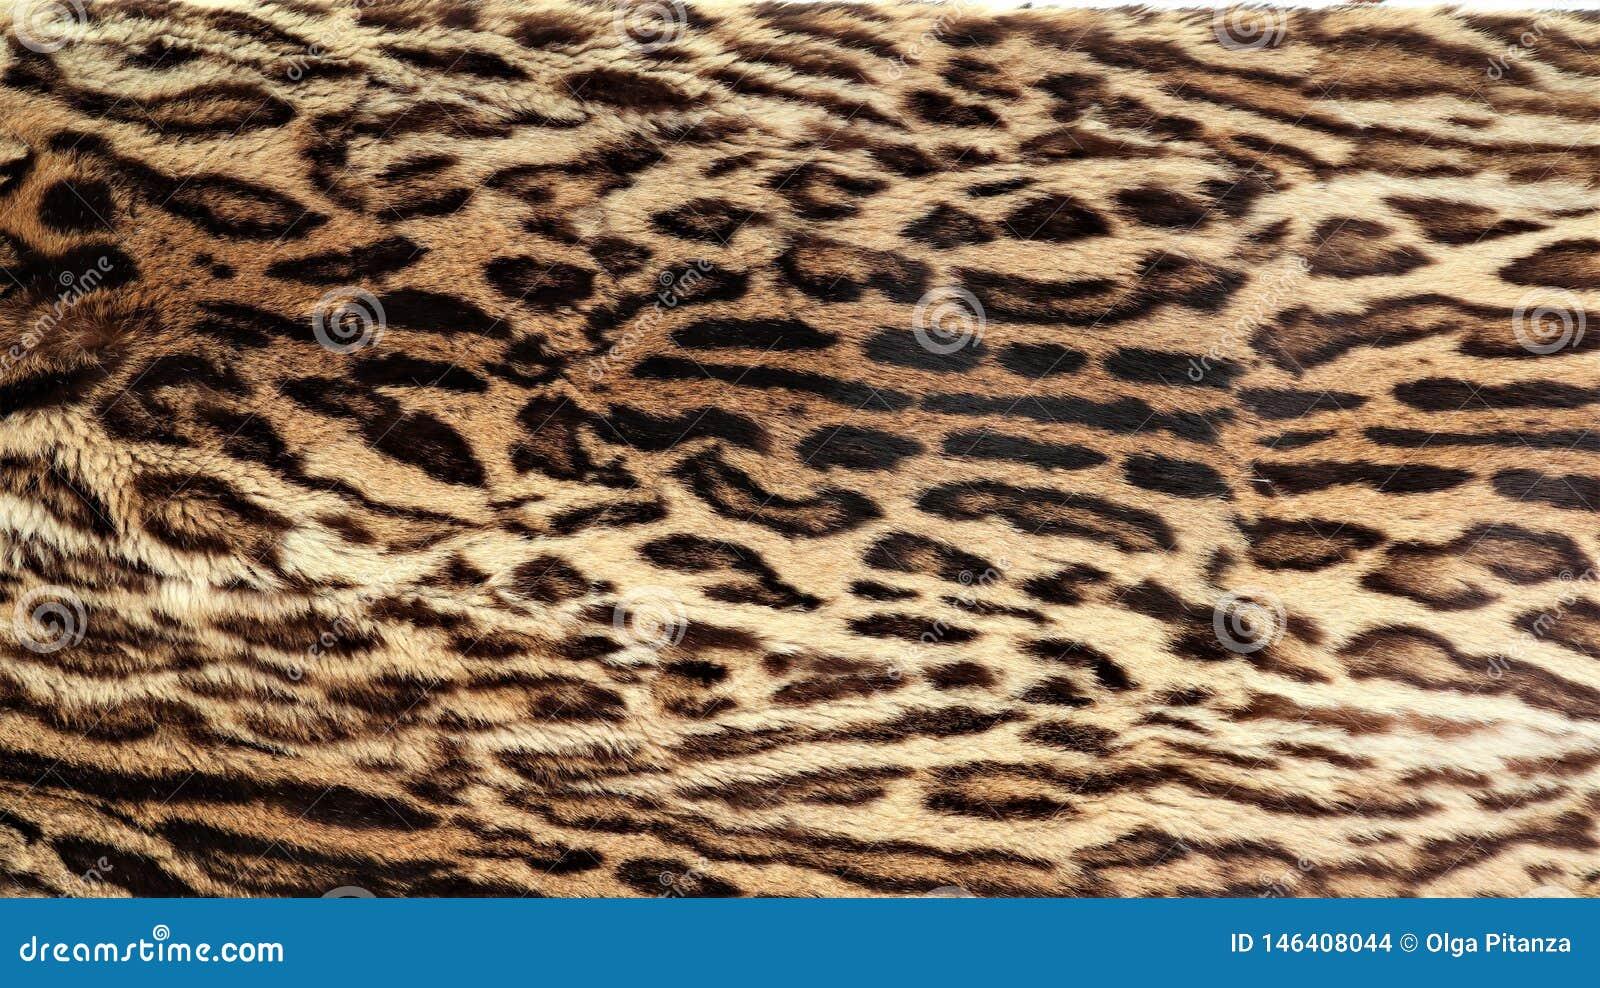 Gro?aufnahme der Haut eines Leoparden